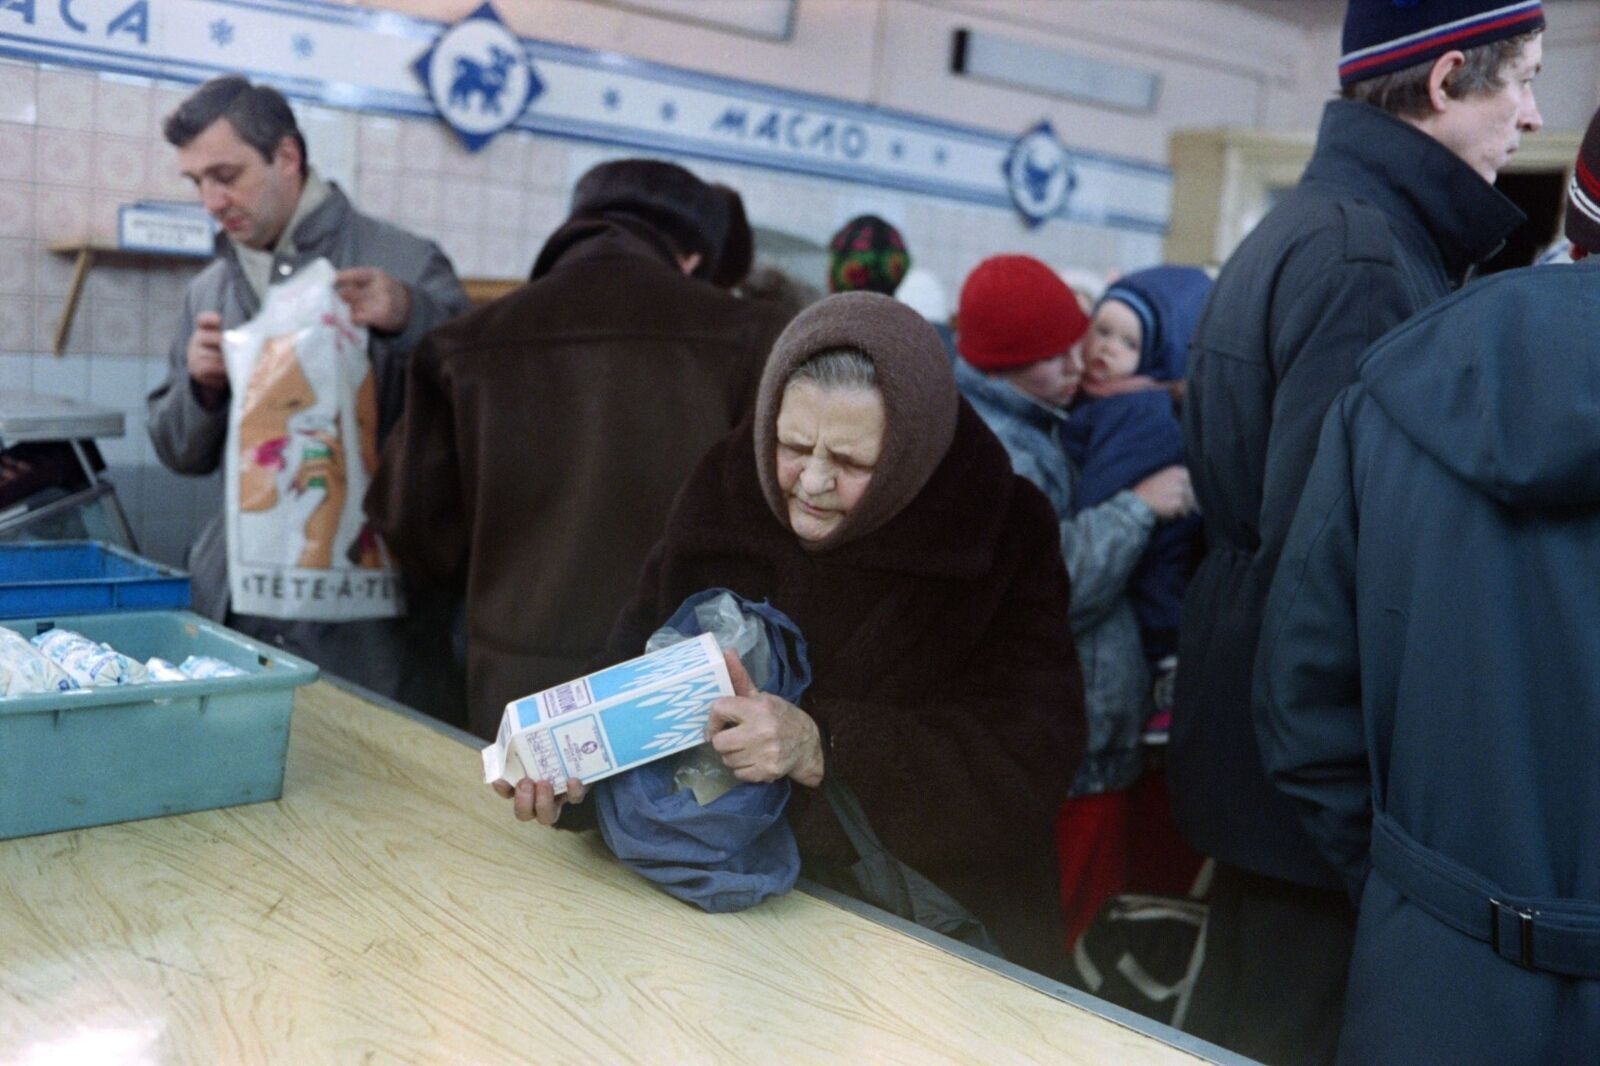 В СССР еда строго дозировалась и выдавалась людям в магазинах по спискам, бумажкам и паспортам